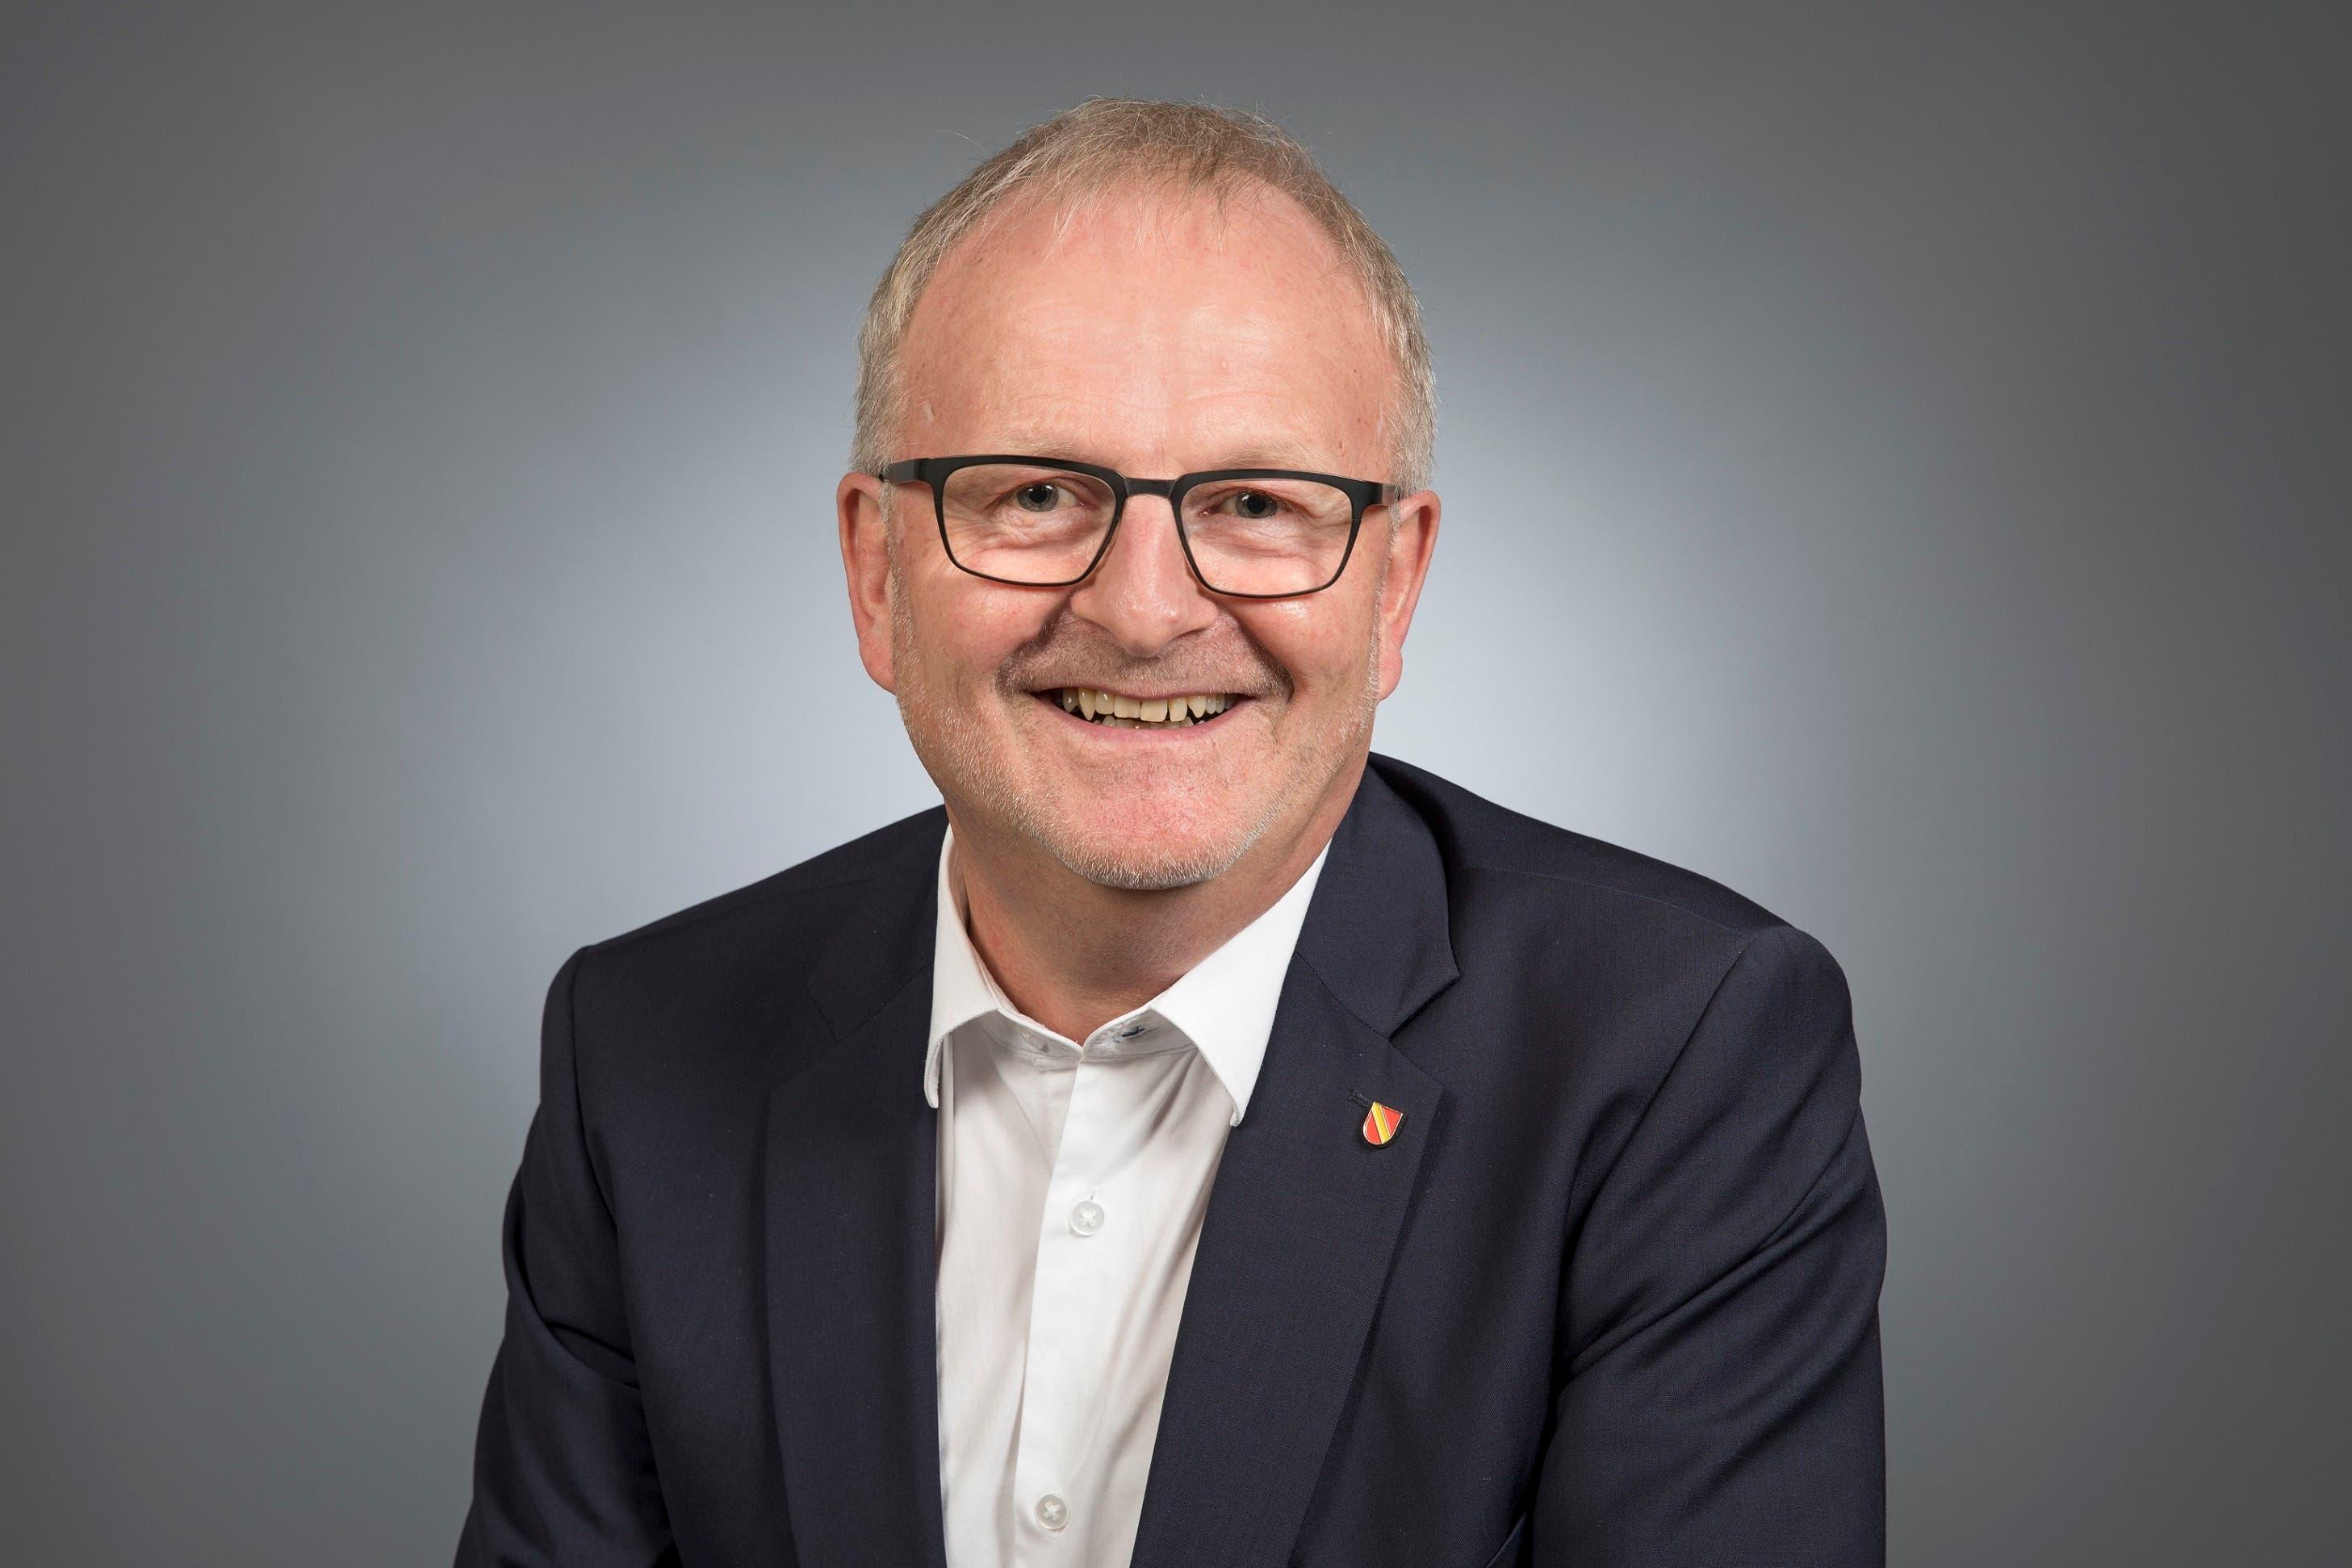 Gewählt: Hans-Peter Arnold, FDP (bisher)